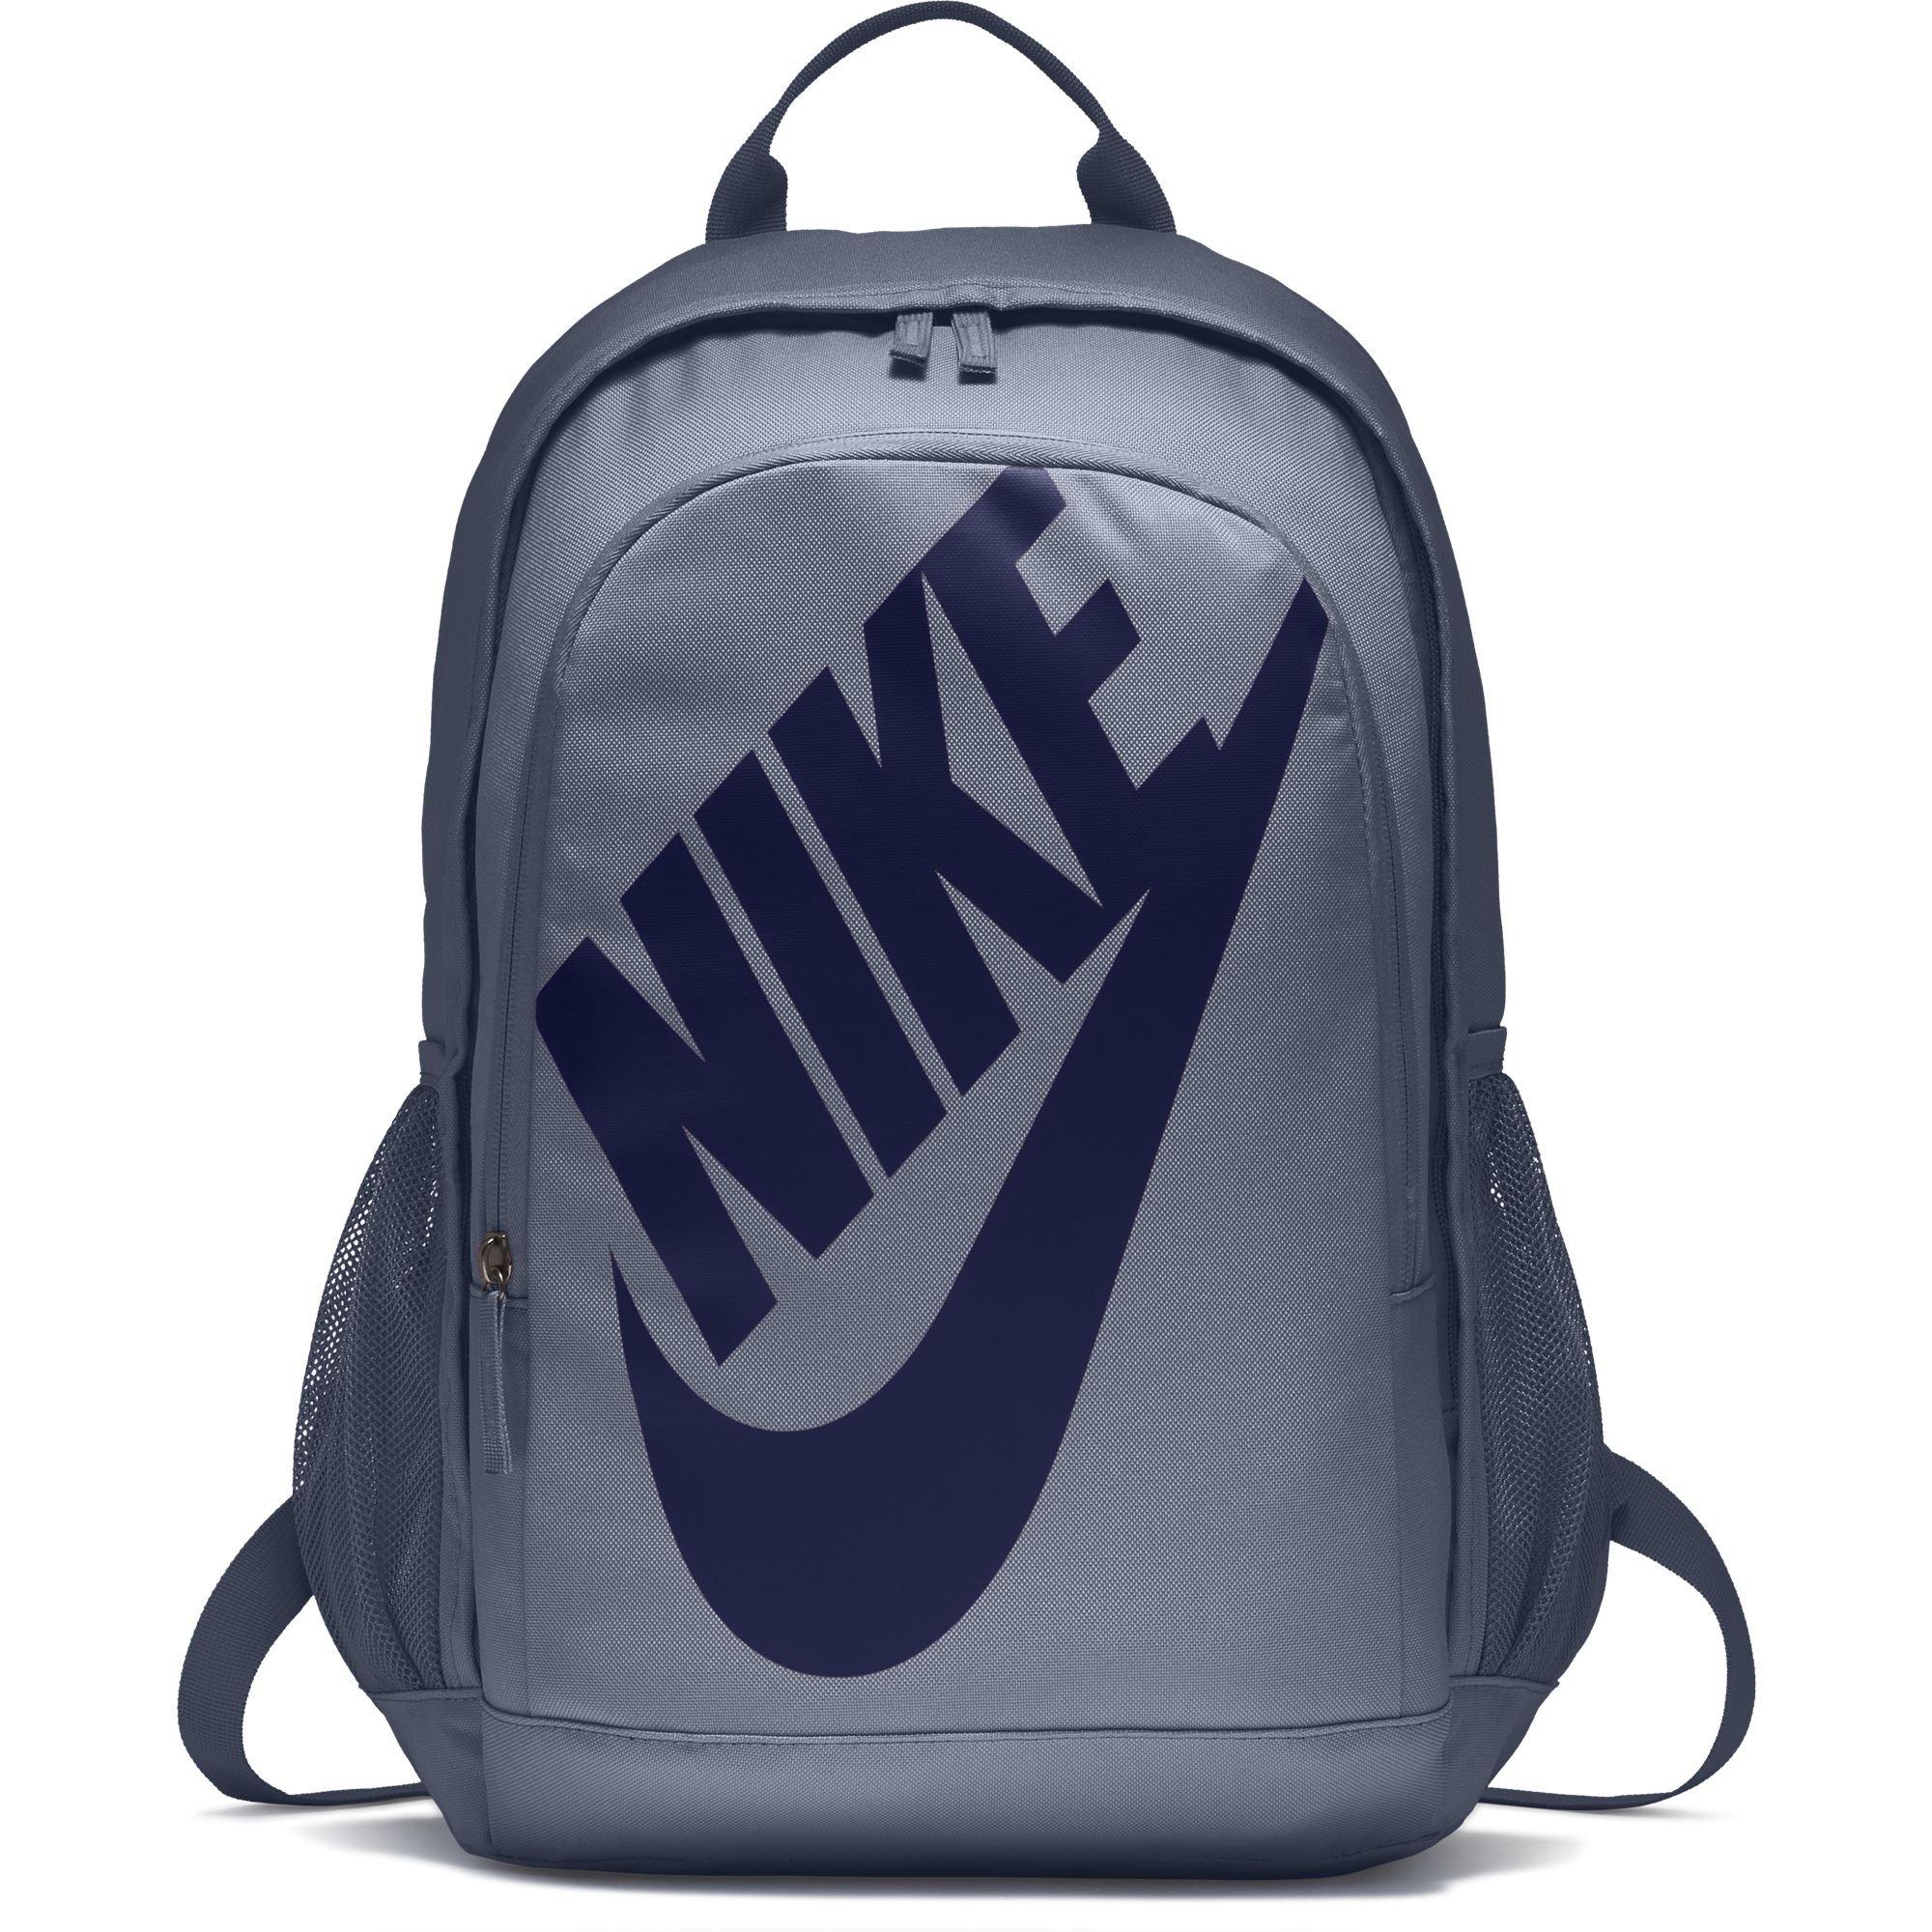 Men's Nike Sportswear Hayward Futura 2.0 Backpack Ashen Slate/Black/Blue Void Size One Size by NIKE